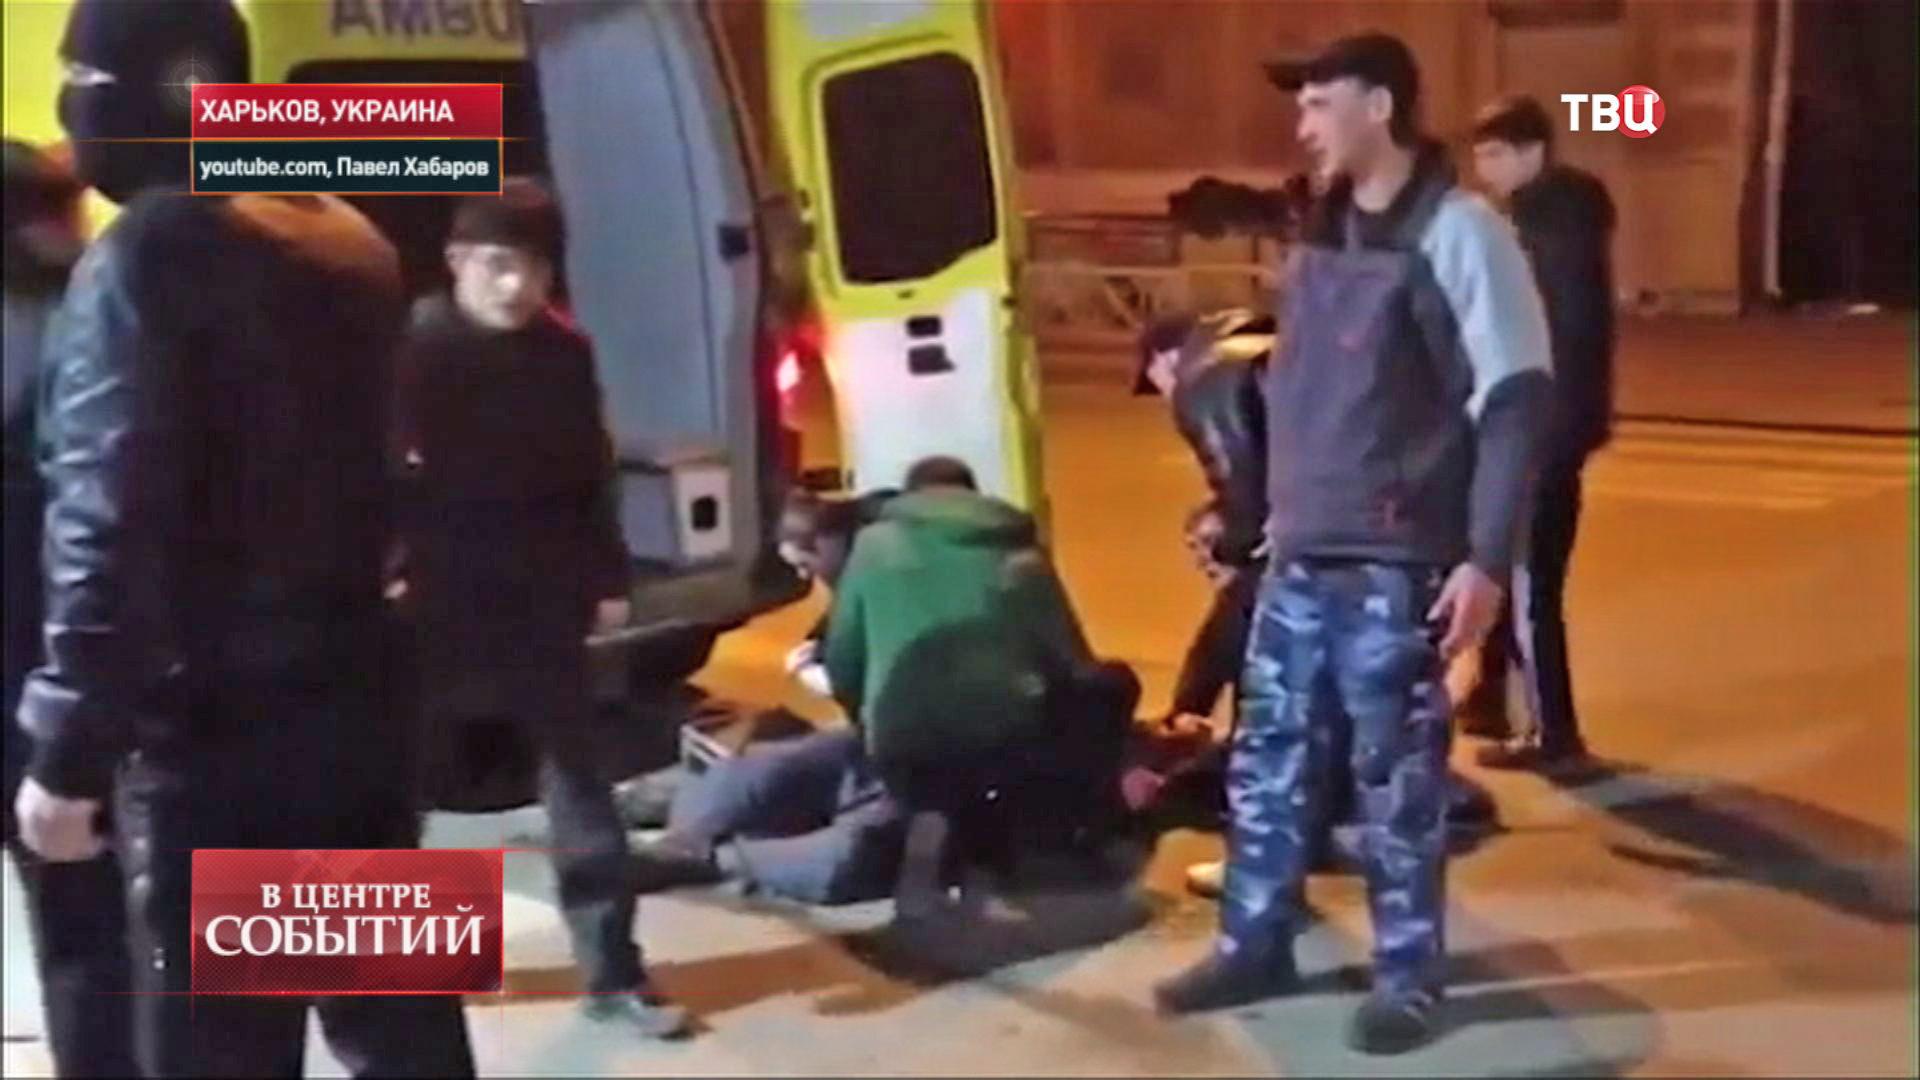 Пострадавший во время беспорядков в Харькове